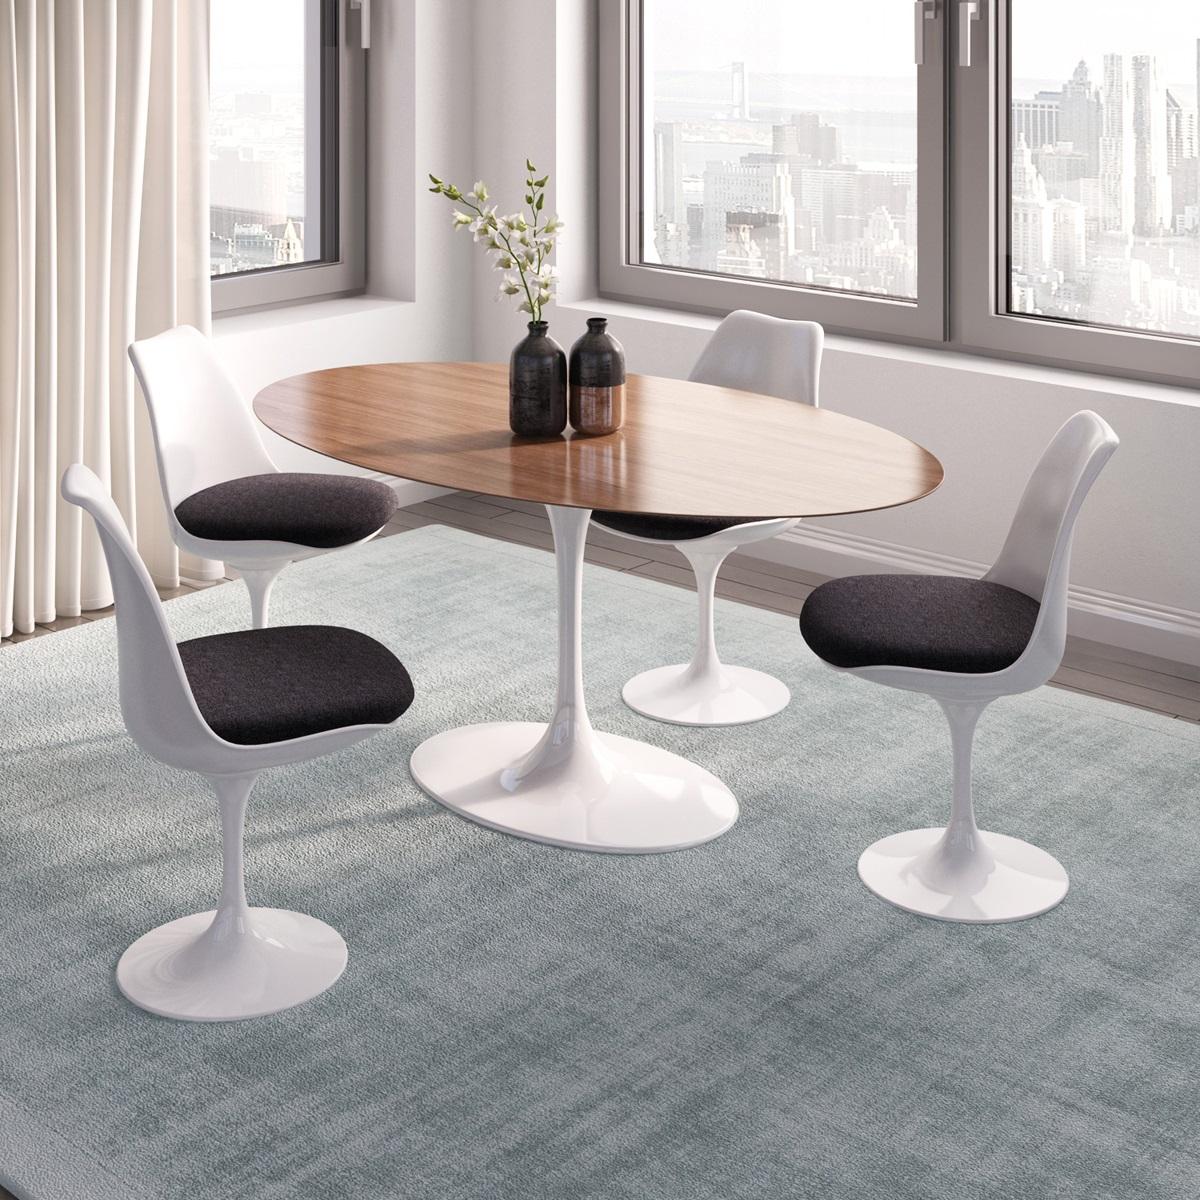 Saarinen Tulip Oval Dining Table - White saarinen oval dining table